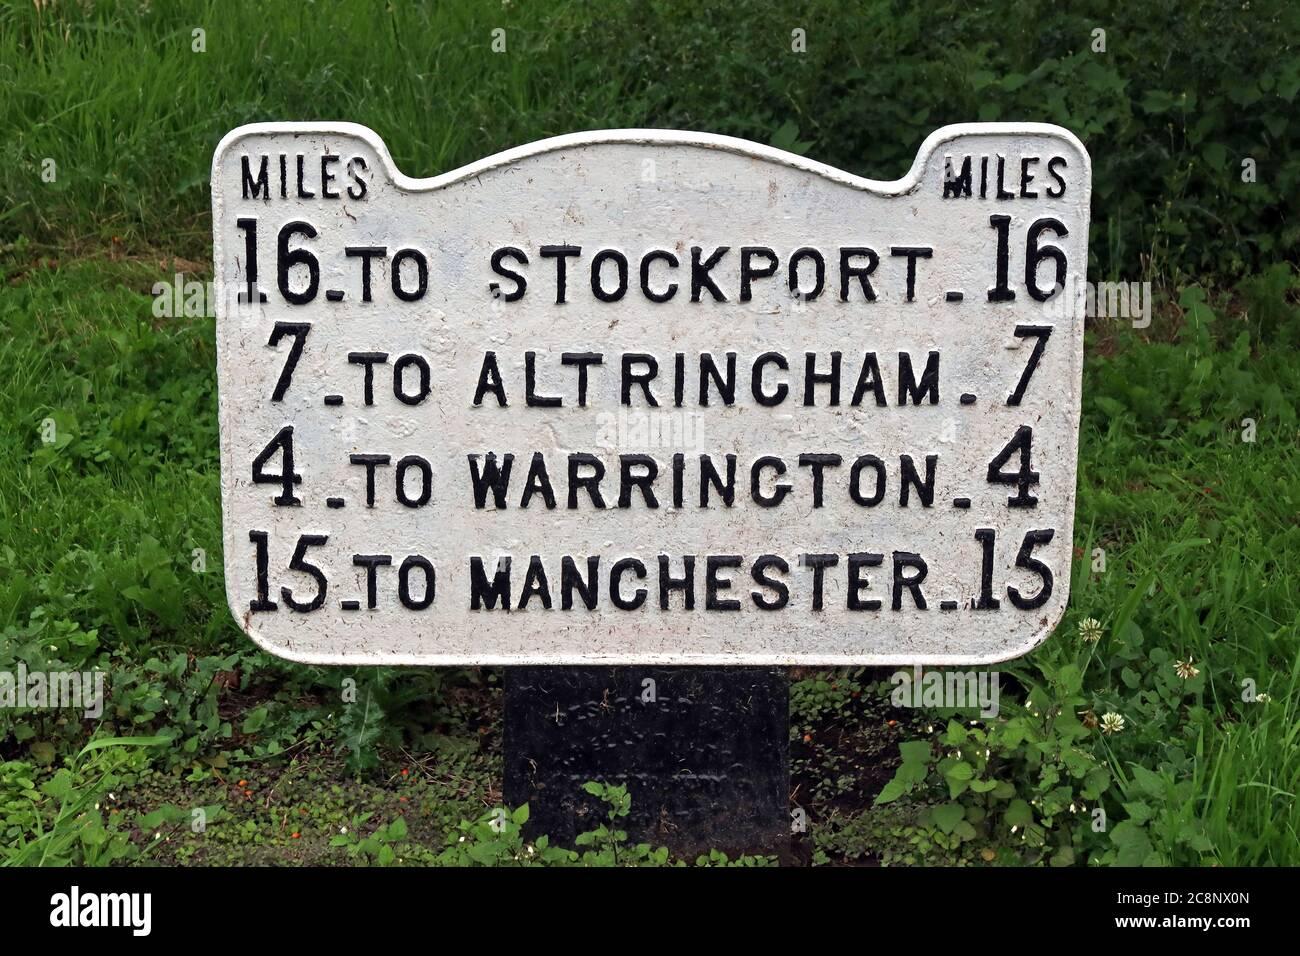 Dieses Stockfoto: Entfernungen von Lymm Village, Warrington, nach Stockport, altrincham, Warrington, Manchester, schwarze Buchstaben auf weißem Hintergrund - 2C8NX0